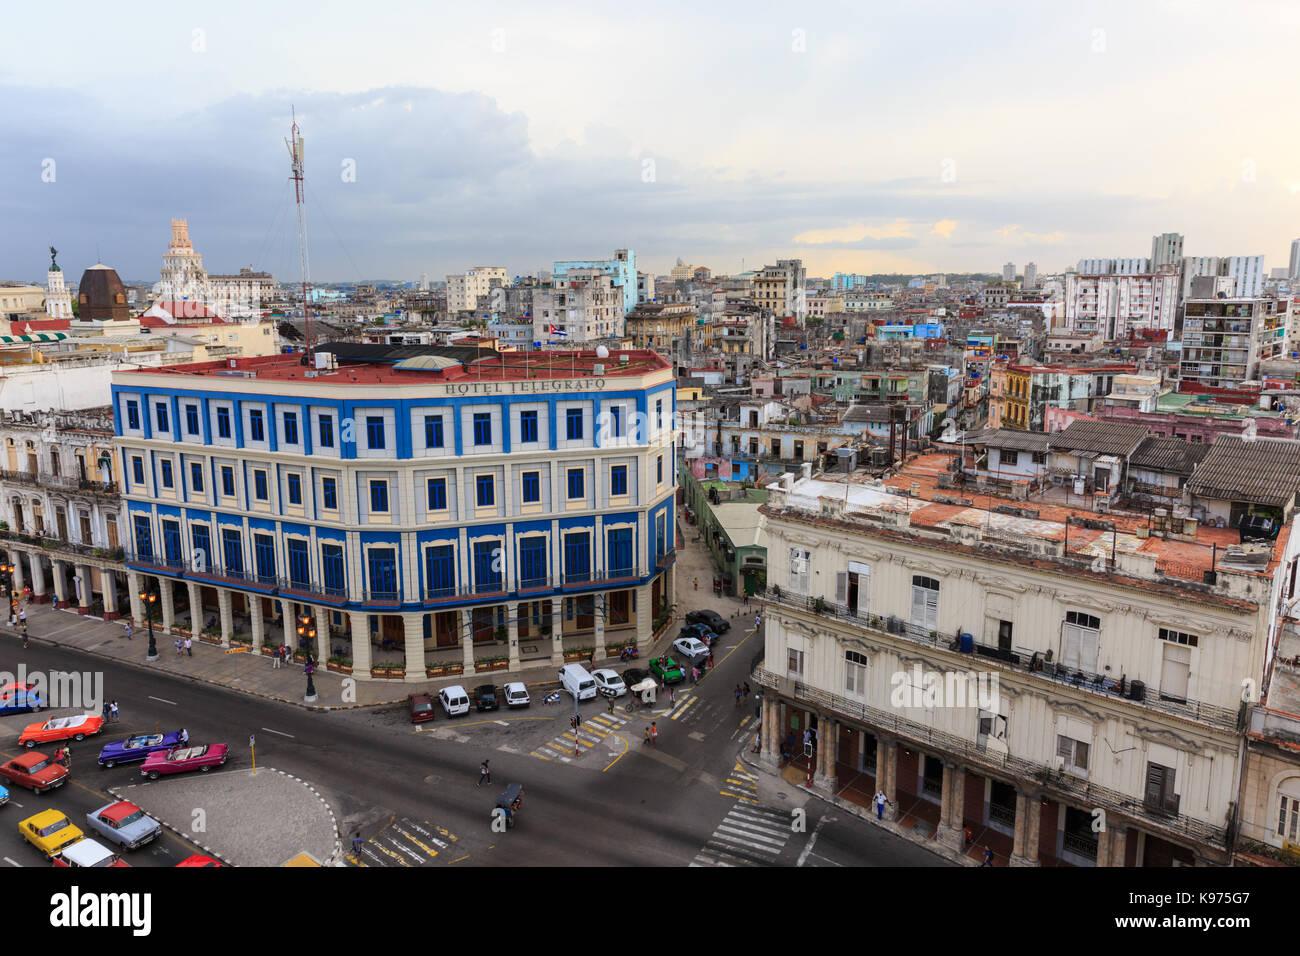 View of Paseo del Prado with the Hotel Inglaterra from above, La Habana Vieja, Old Havana, Cuba - Stock Image